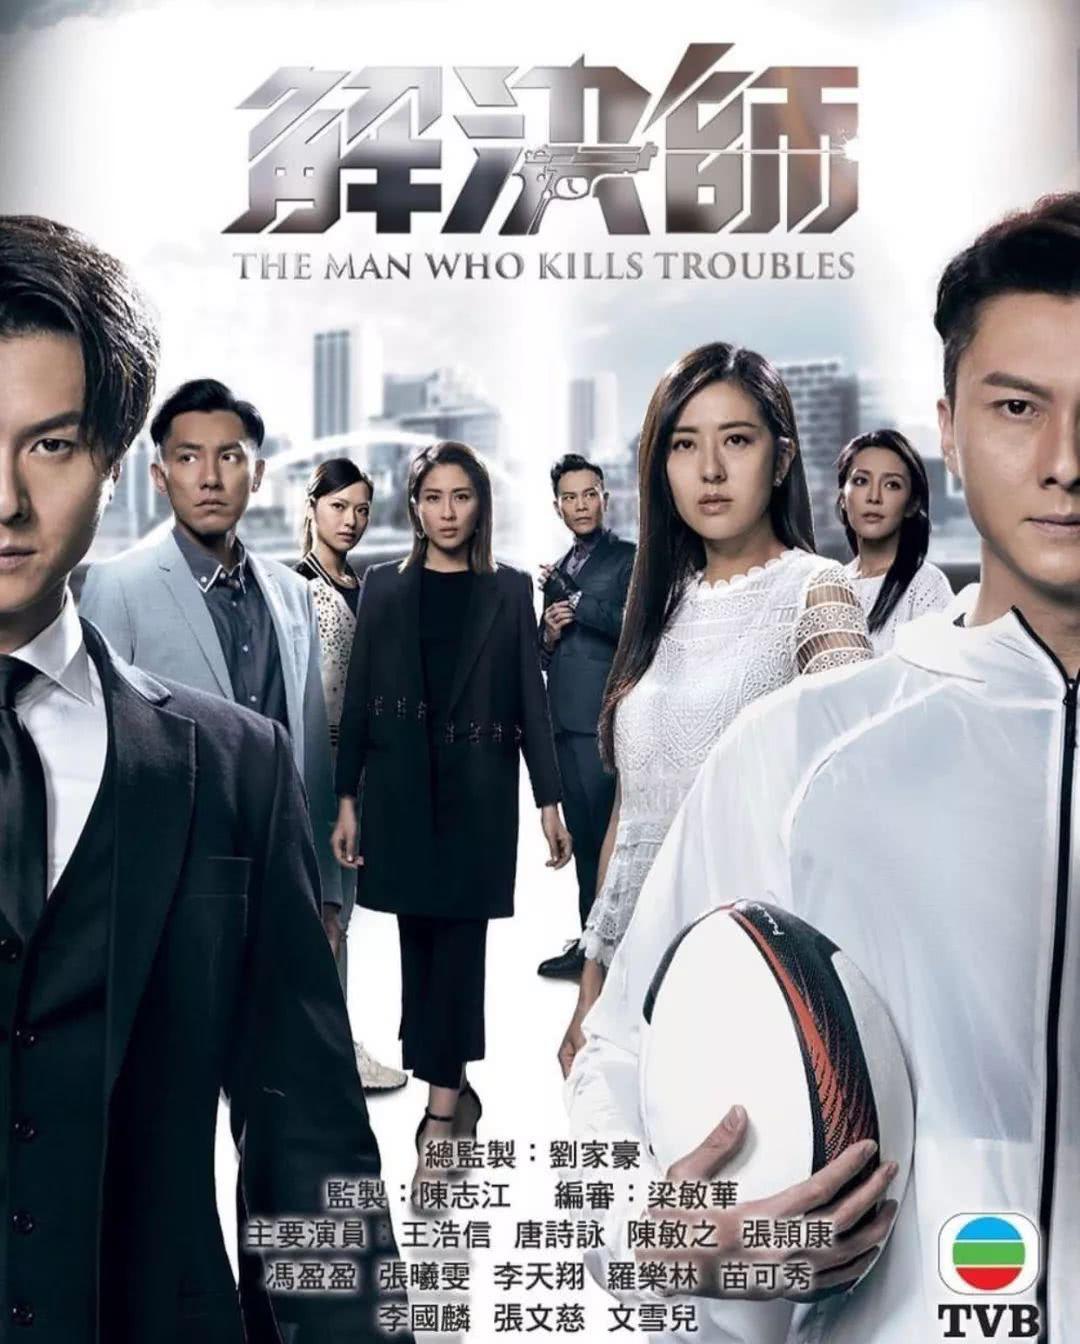 2019年TVB台庆剧花落谁家?这12部剧集哪部可以入选?